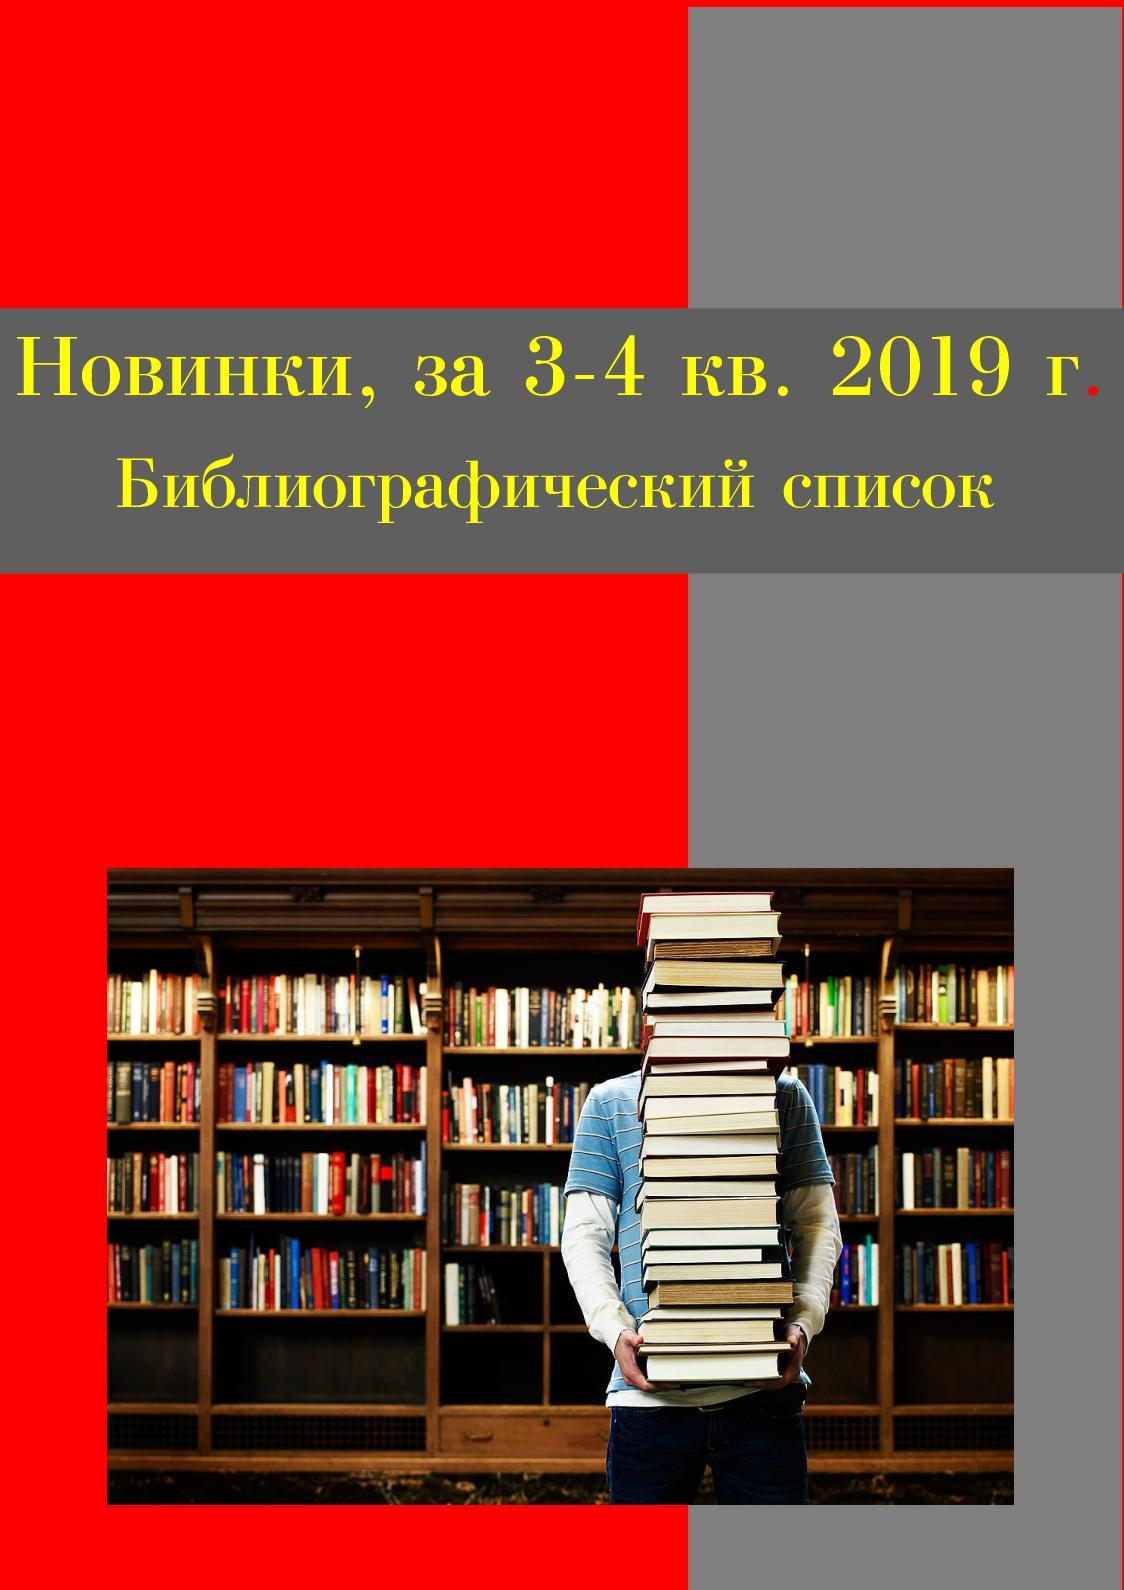 Пантелеев читать мужчины евгений онлайн тайный дневник Военные корреспонденты: